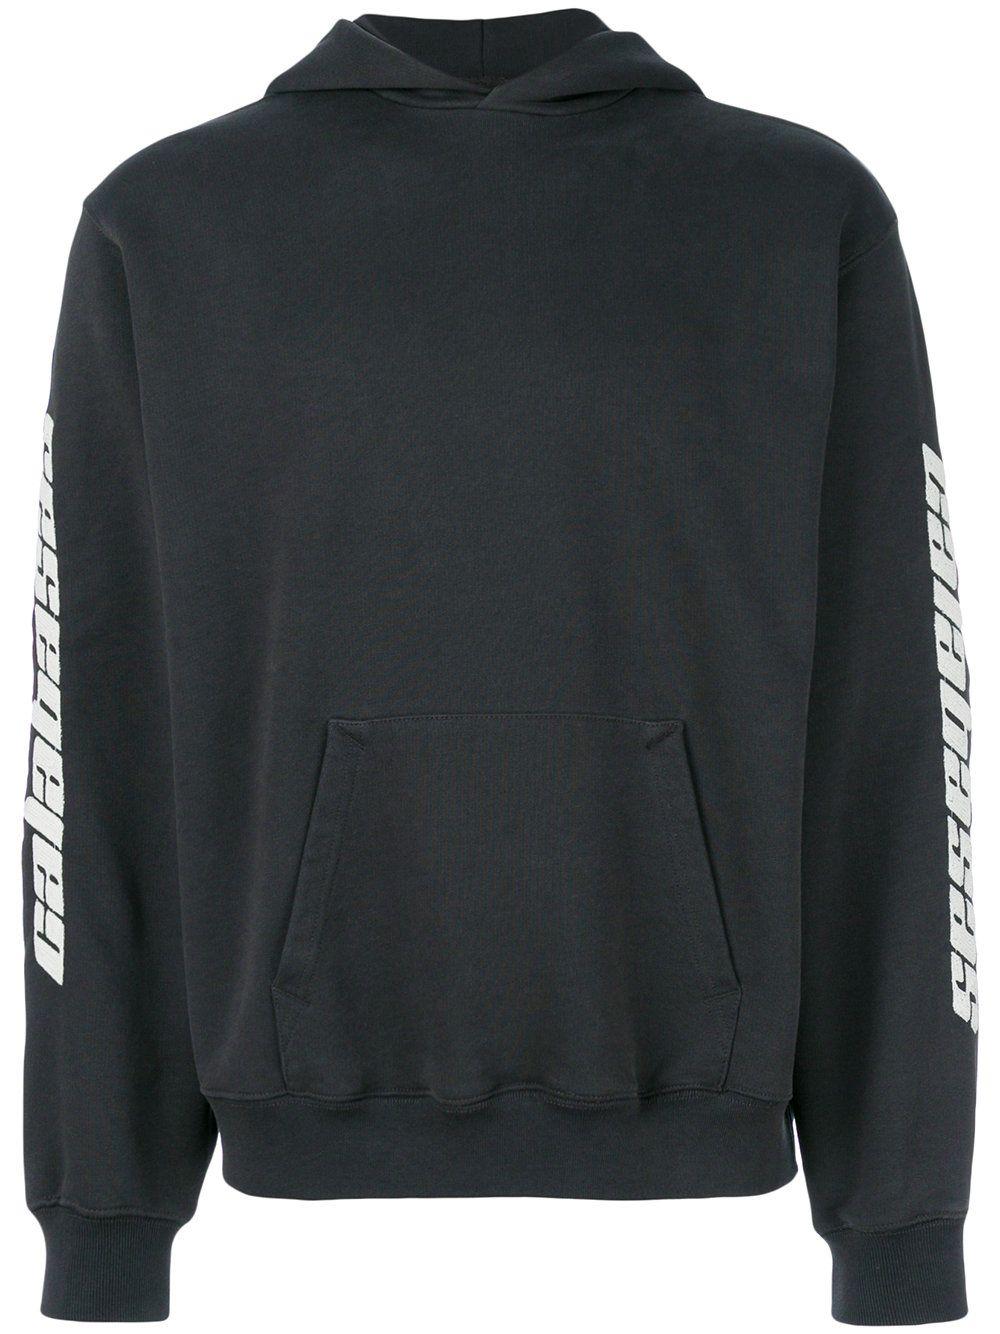 Yeezy Yeezy Cloth Hoodies Yeezy Cotton Sweatshirts [ 1334 x 1000 Pixel ]